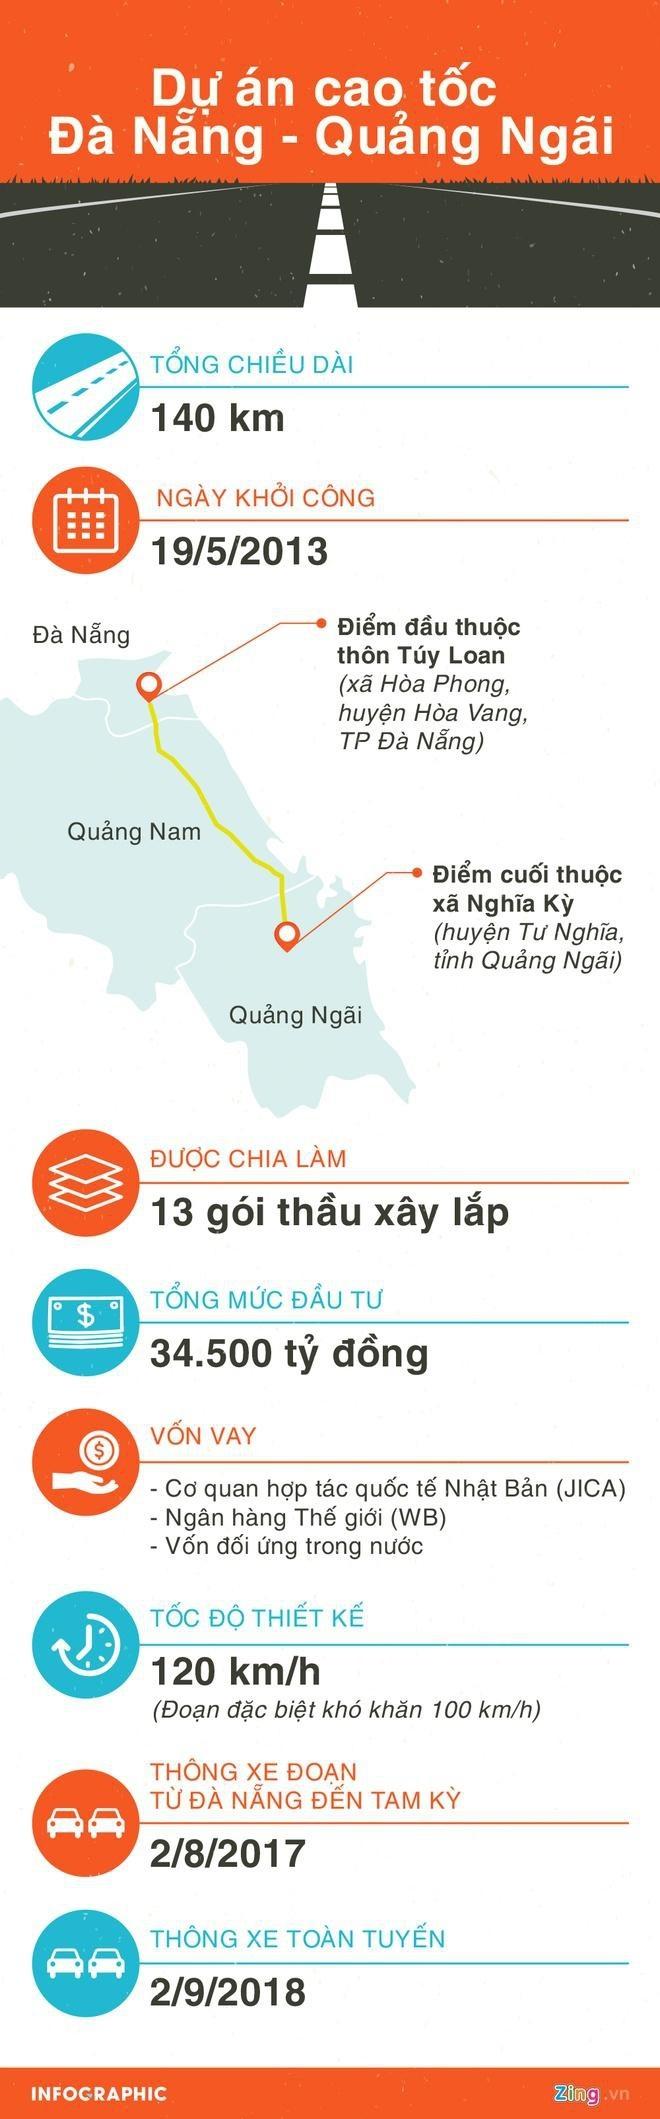 Cao toc Da Nang - Quang Ngai anh 2